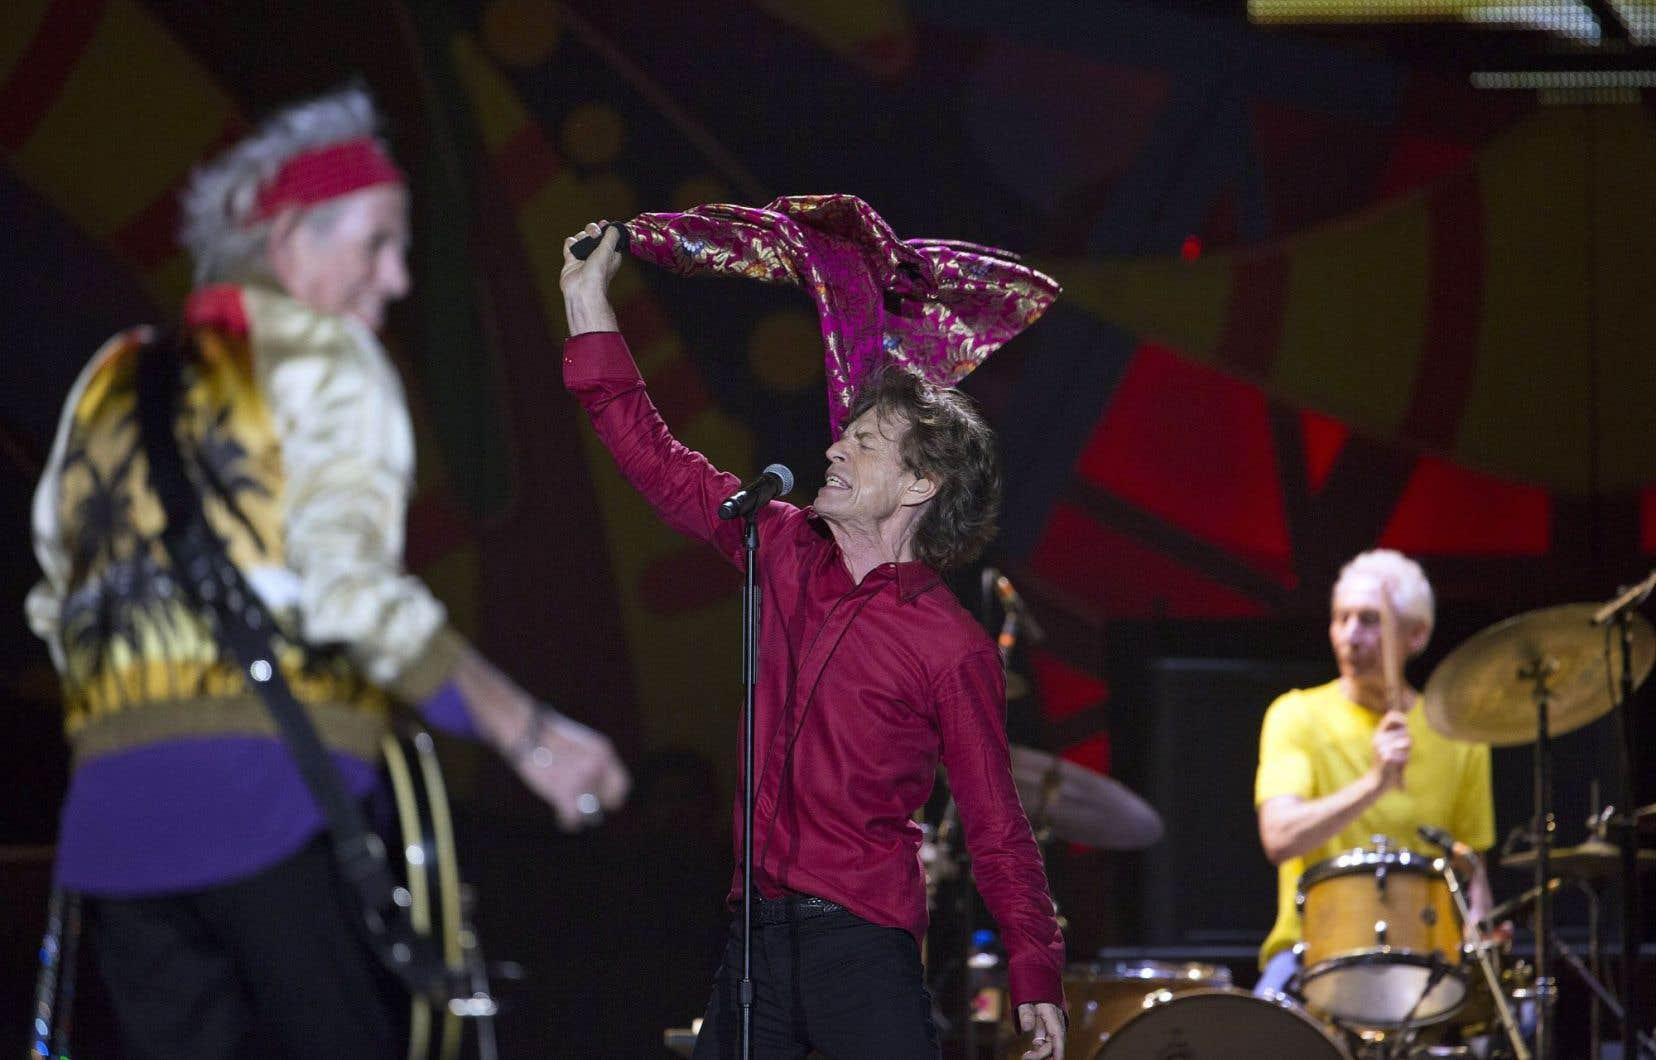 Keith Richards, Mick Jagger et Charlie Watts à Rio de Janeiro, le 20février dernier au cours de la tournée des Rolling Stones en Amérique latine